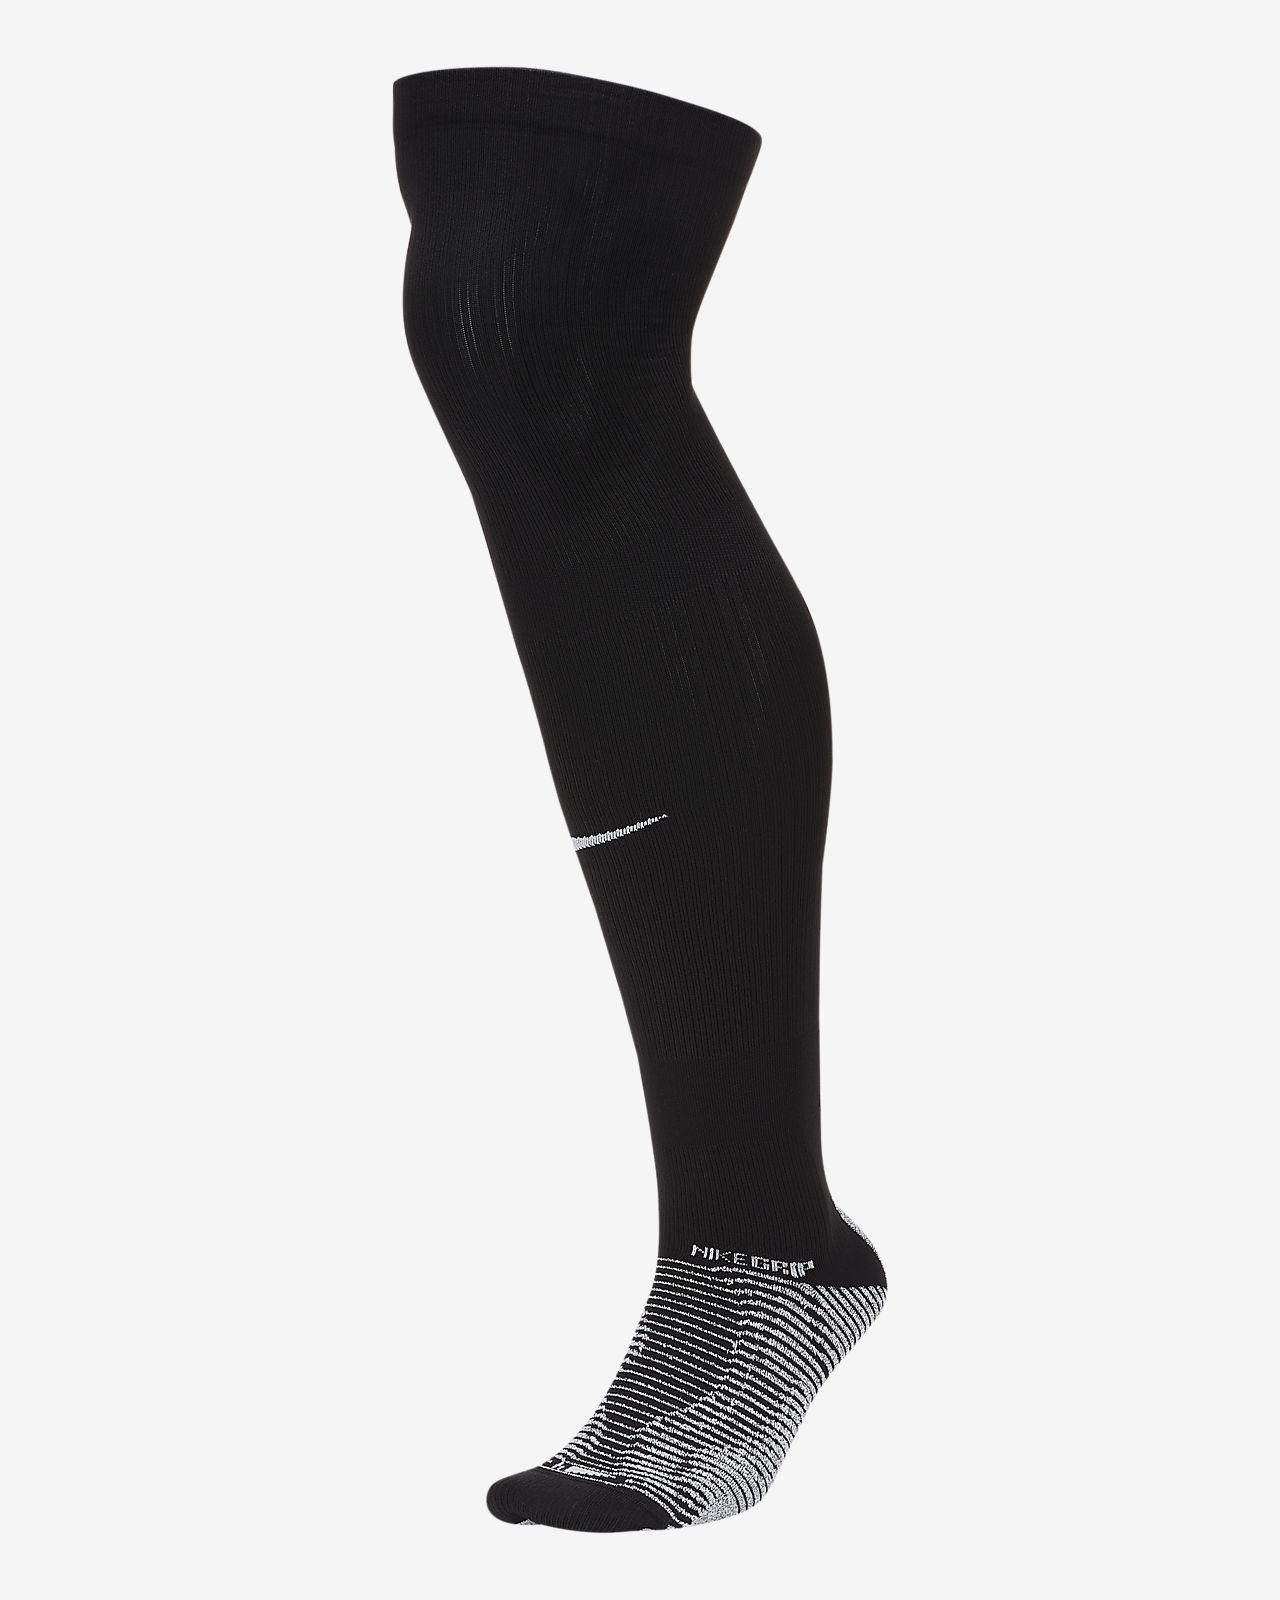 Nike Classic 2 stødabsorberende knæstrømper. Nike DK